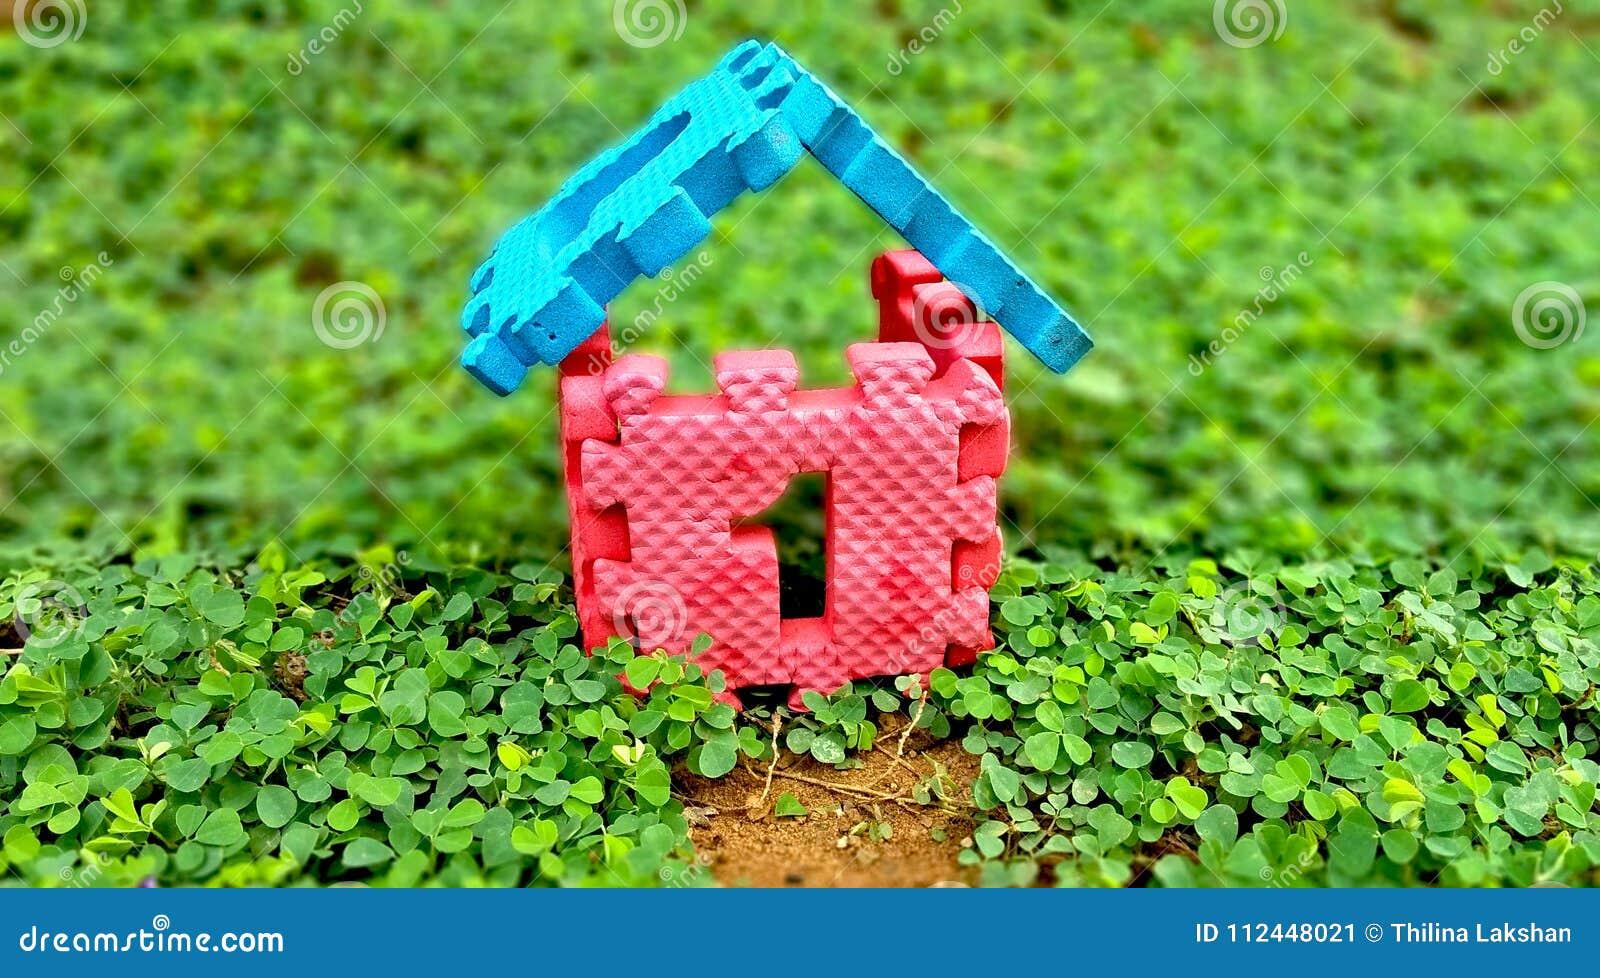 Numere una casa de la venta y de la construcción de la casa de las propiedades inmobiliarias